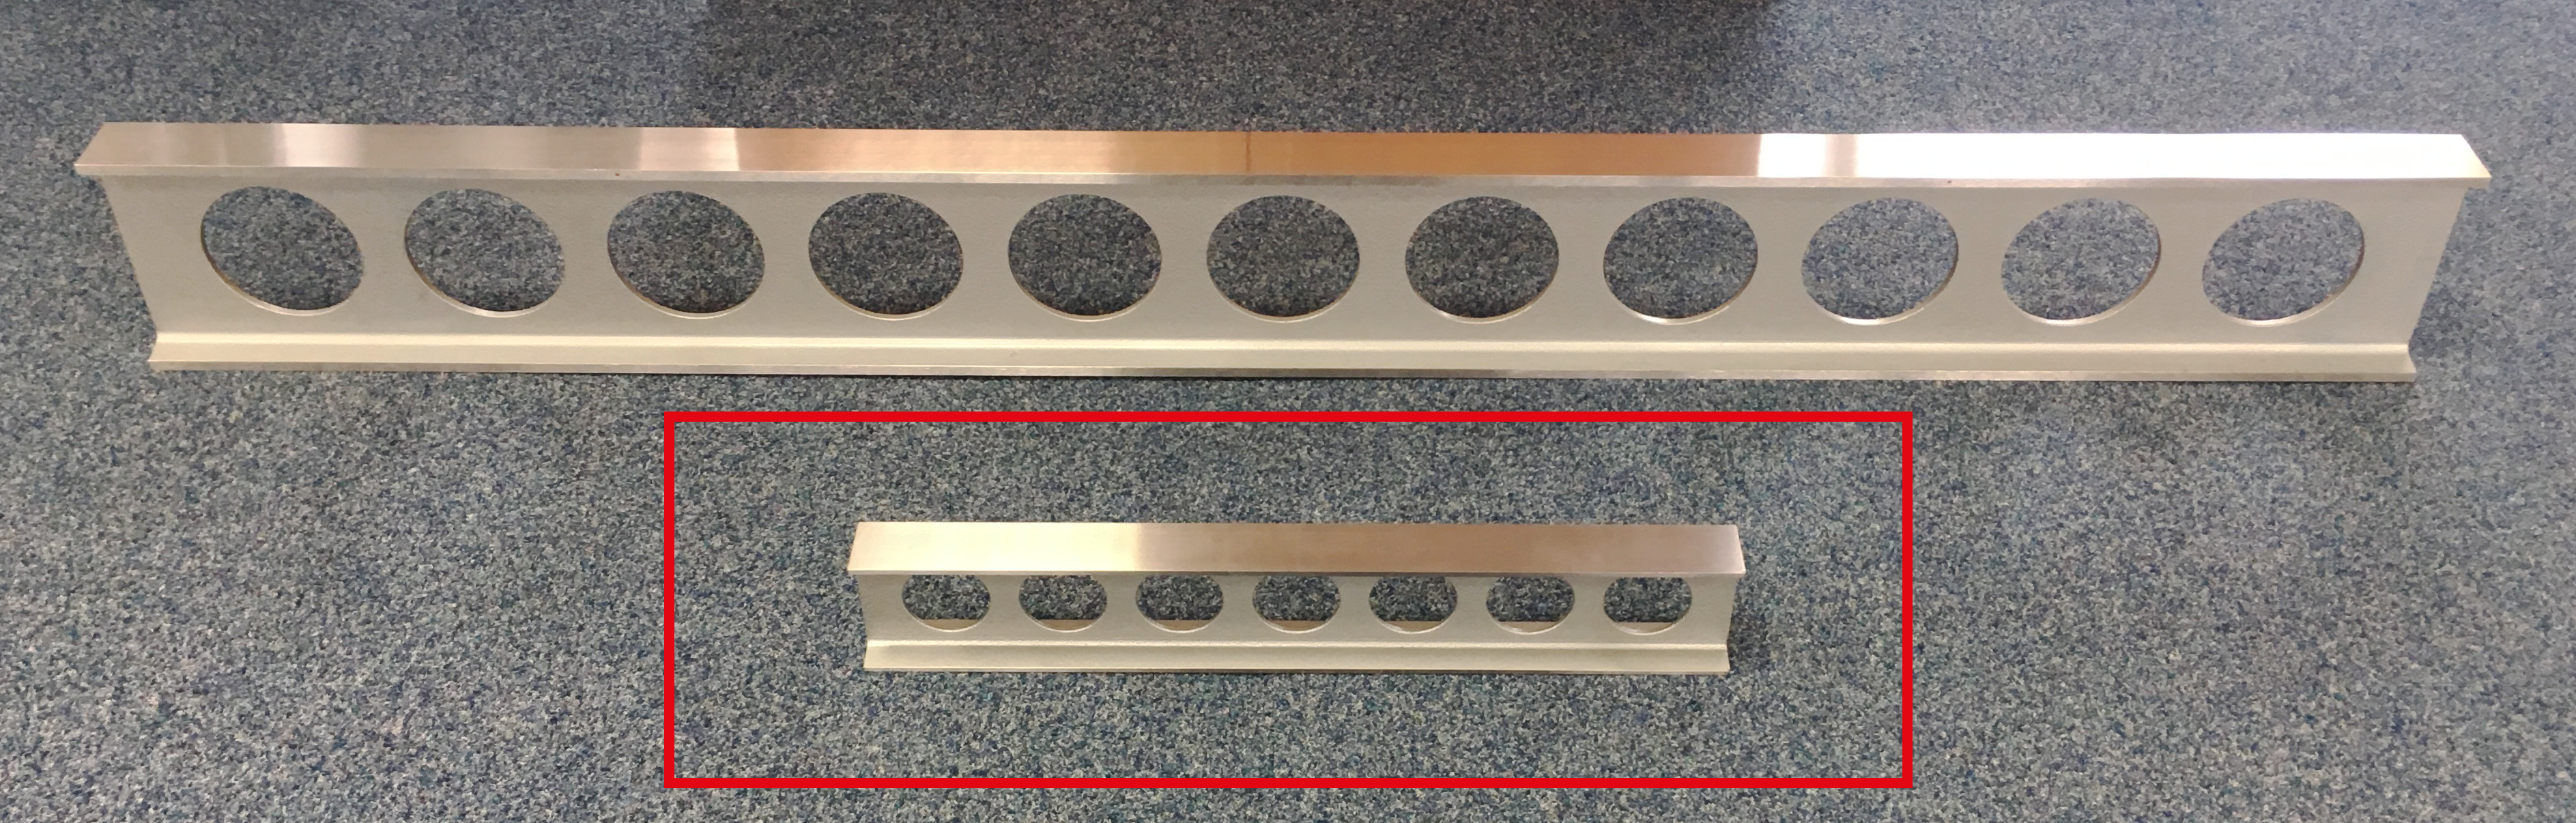 Ocelové pravítko - I profil 750x80x40 - DIN 874/1 - SLEVA - POŠKOZENO PŘI PŘEPRAVĚ